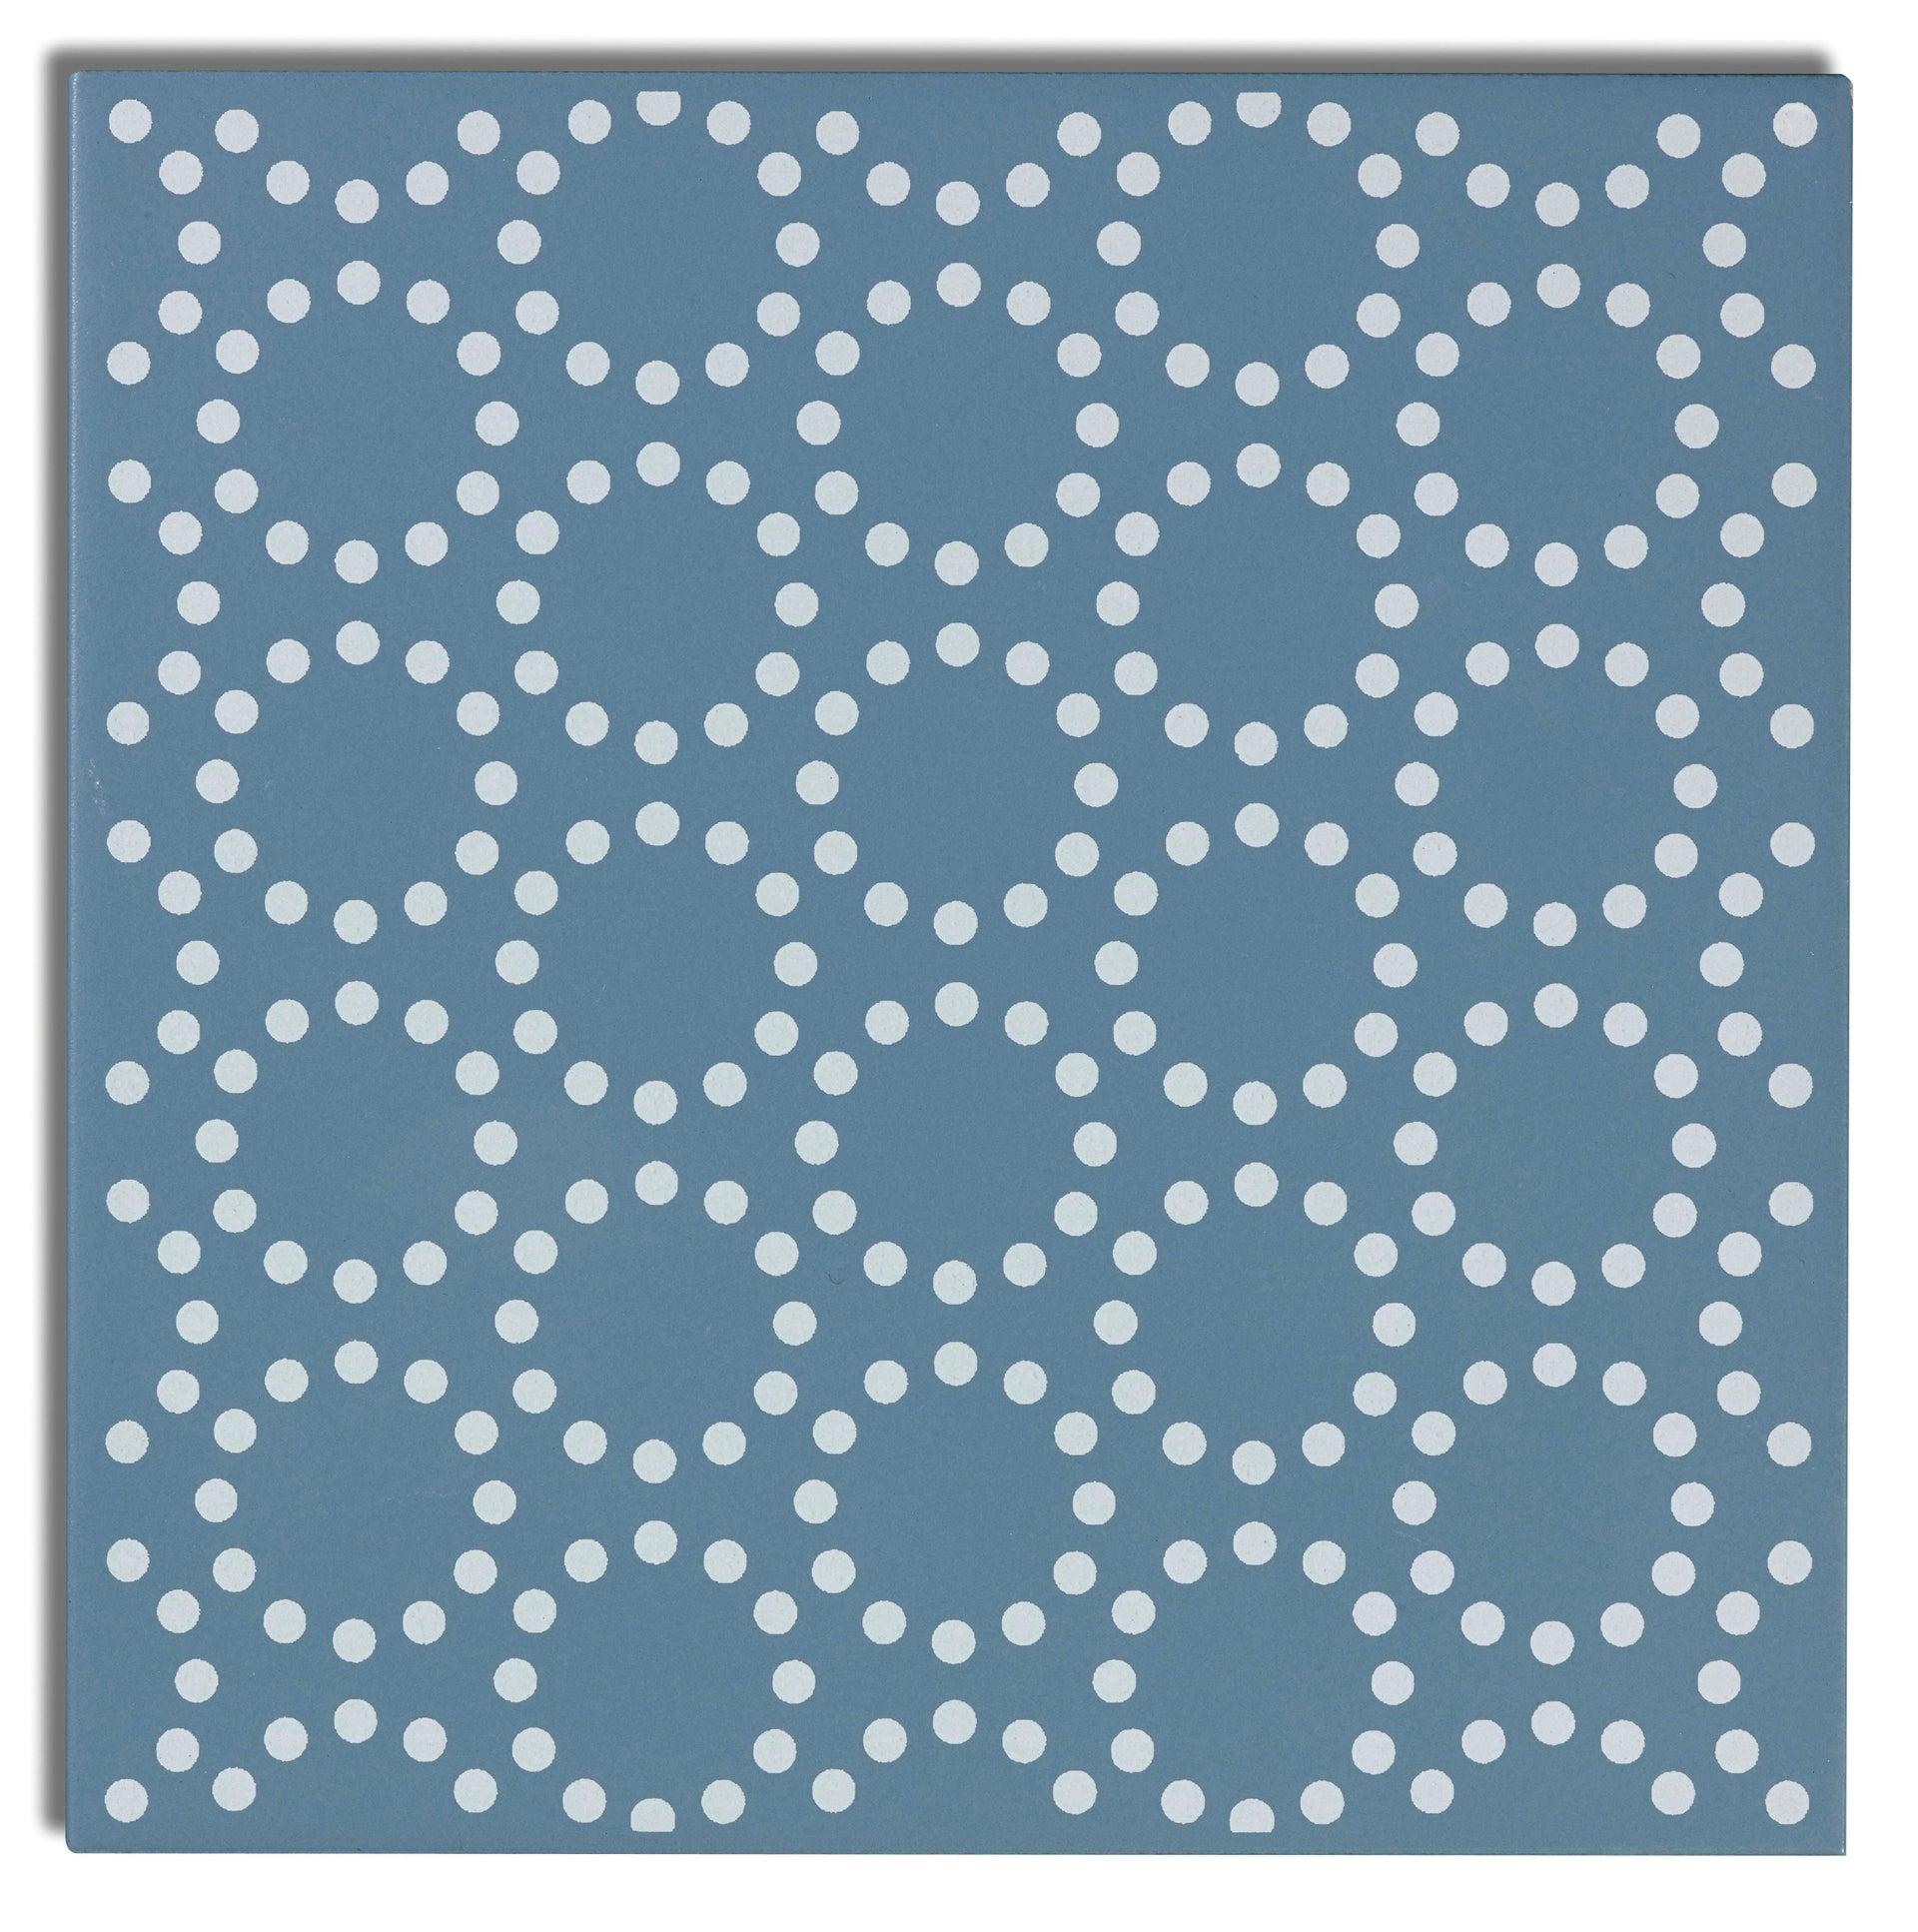 Piastrella decorativa Astuce 20 x 20 cm sp. 6.5 mm blu - 5